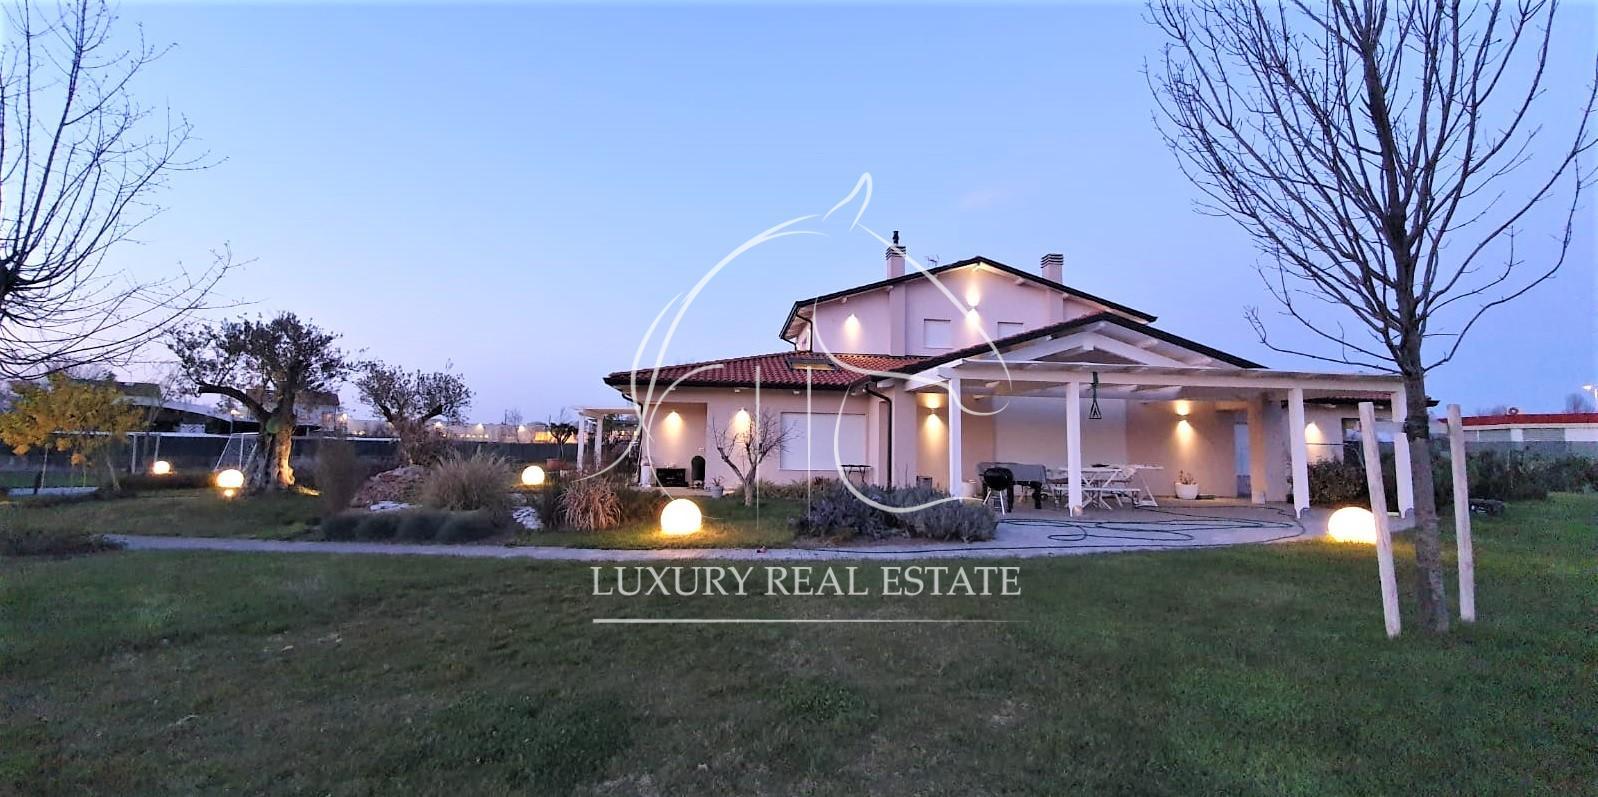 Rif. 291 Villetta unifamiliare con due appartamenti su lotto di mq. 4500 zona Rimini (RN)